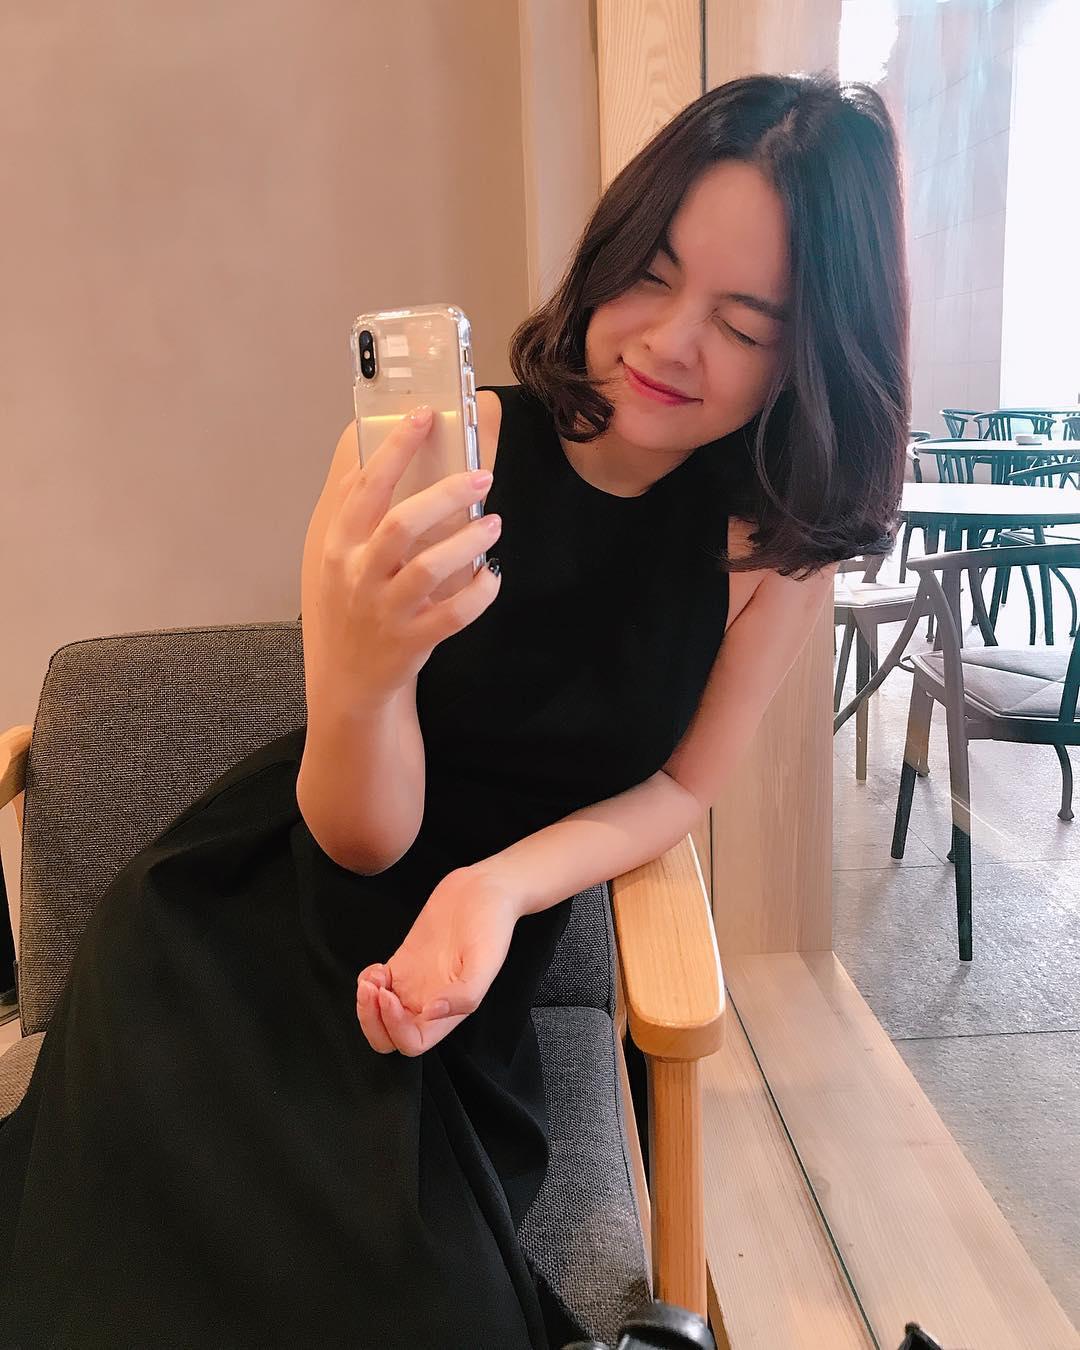 Tin sao Việt: Lê Phương bật mí đi Tây nghỉ lễ cùng chồng-9